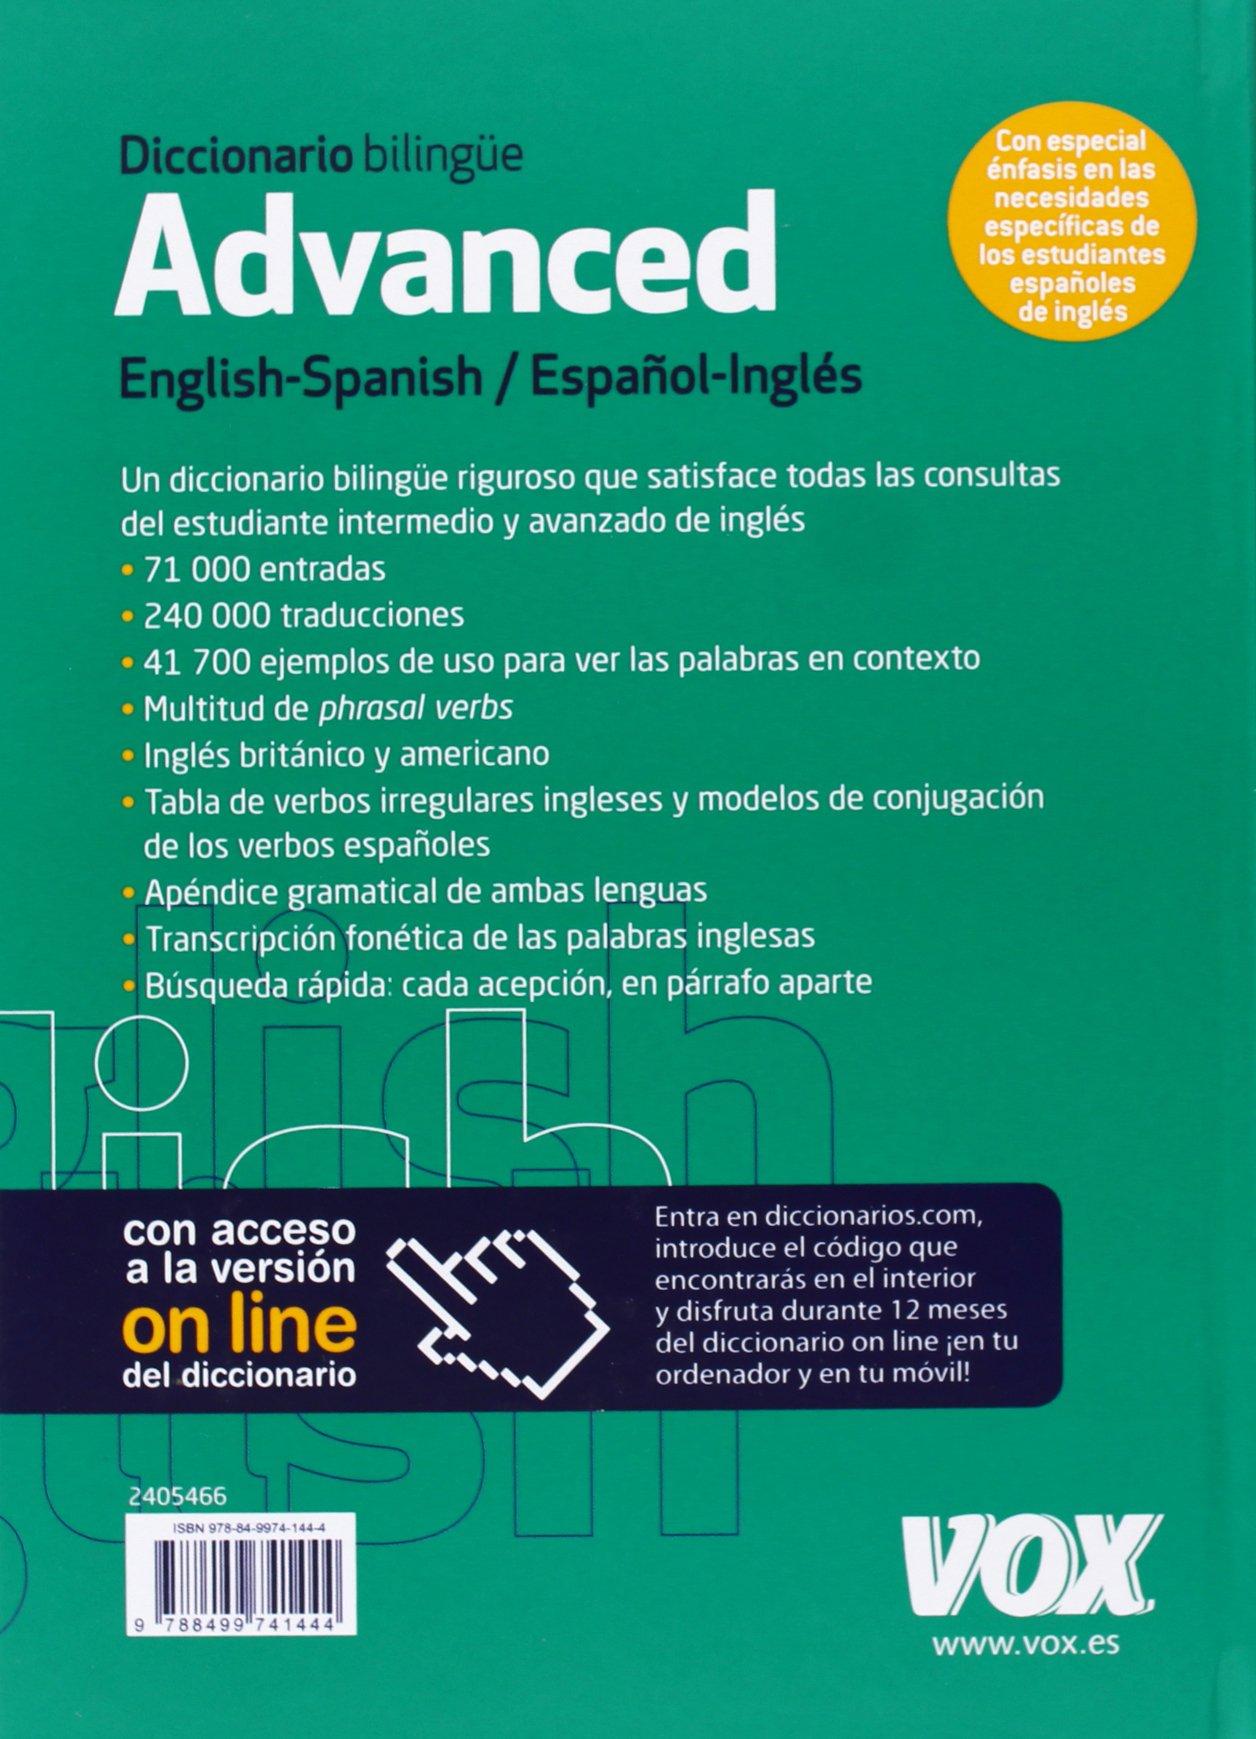 Diccionario Advanced English-Spanish / Español-Inglés Vox - Lengua Inglesa - Diccionarios Generales: Amazon.es: Larousse Editorial: Libros en idiomas ...